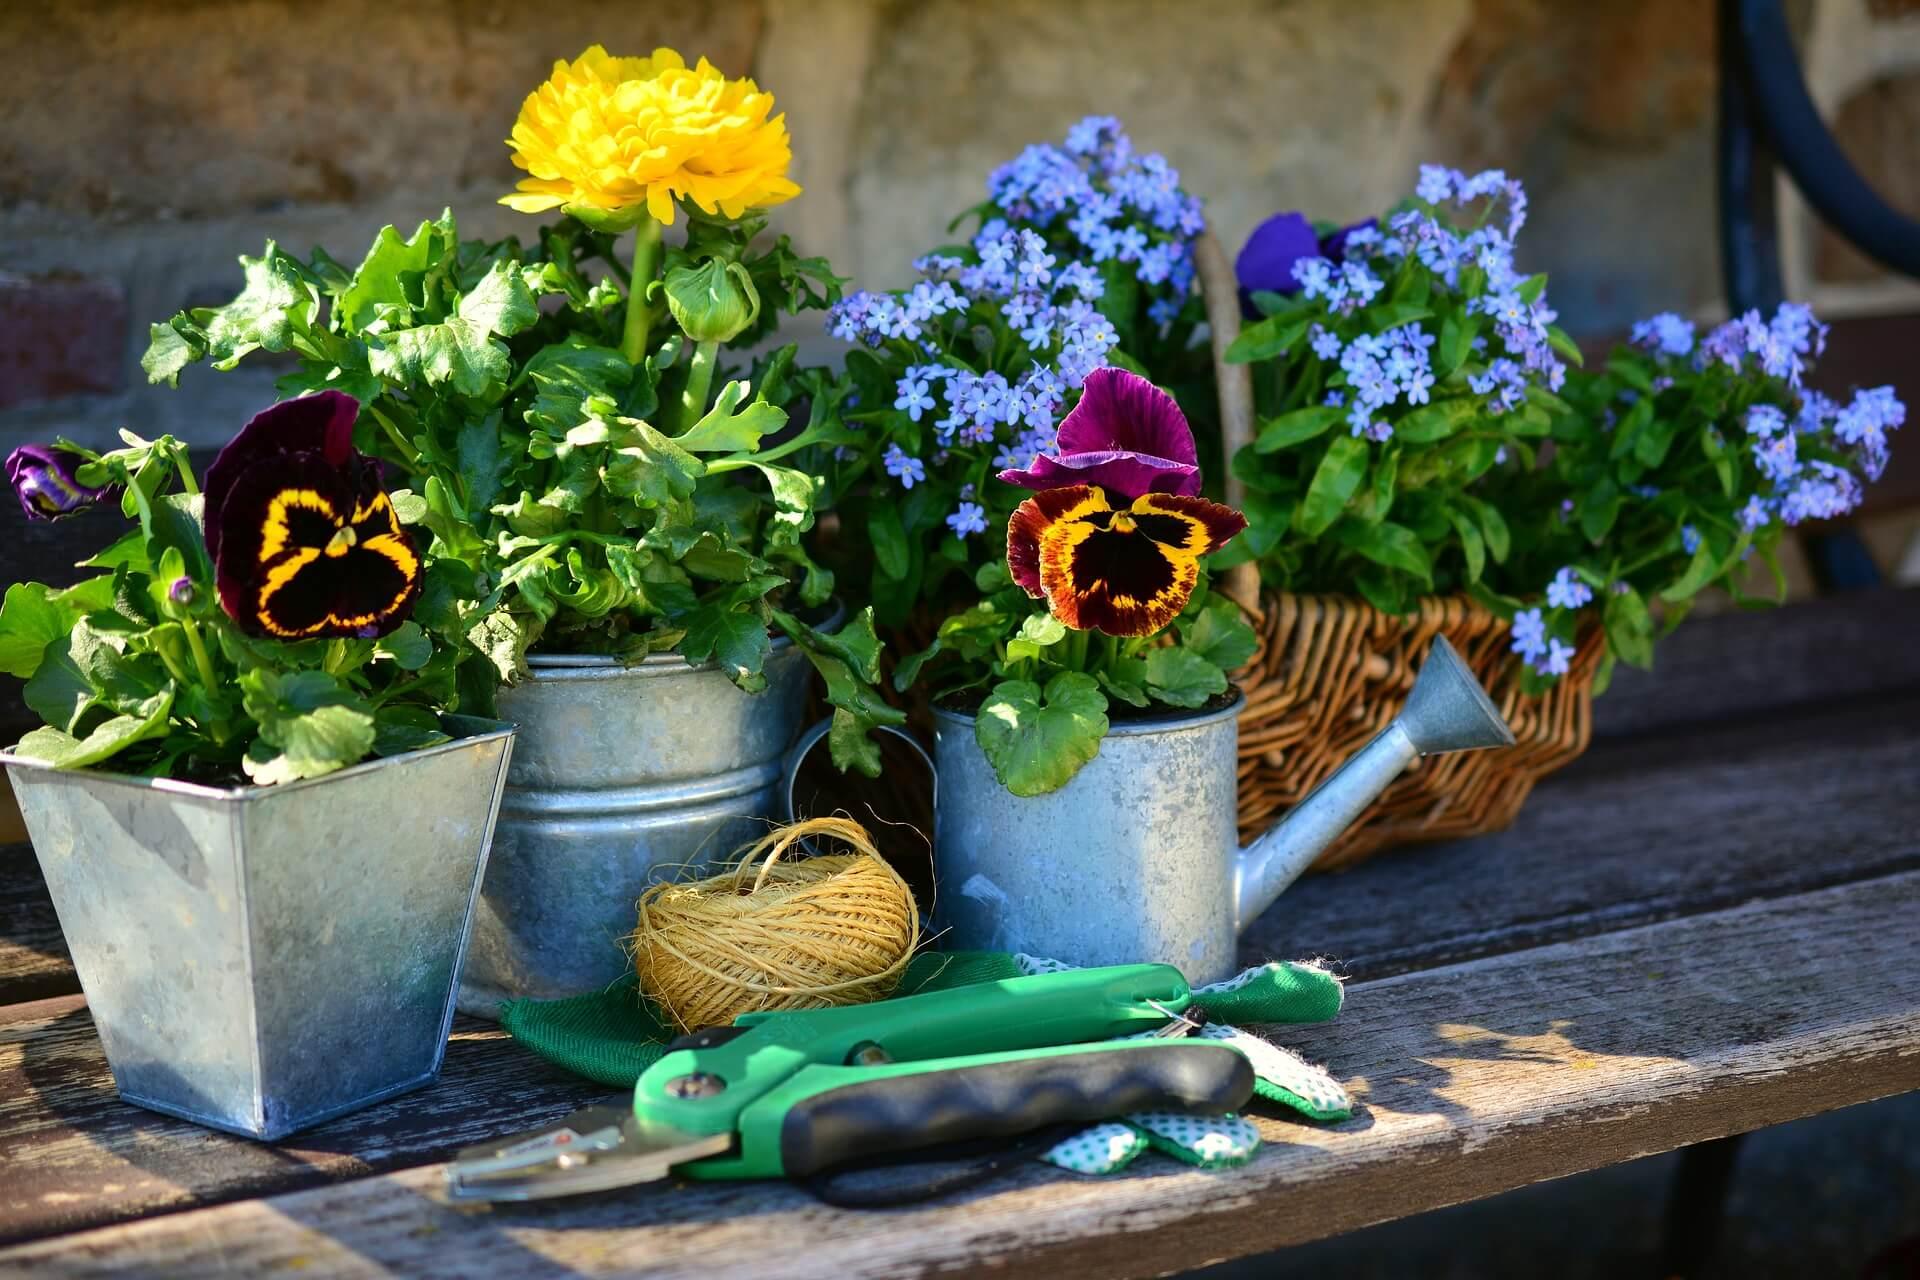 Pflanzen auf Holztisch Gartenarbeit